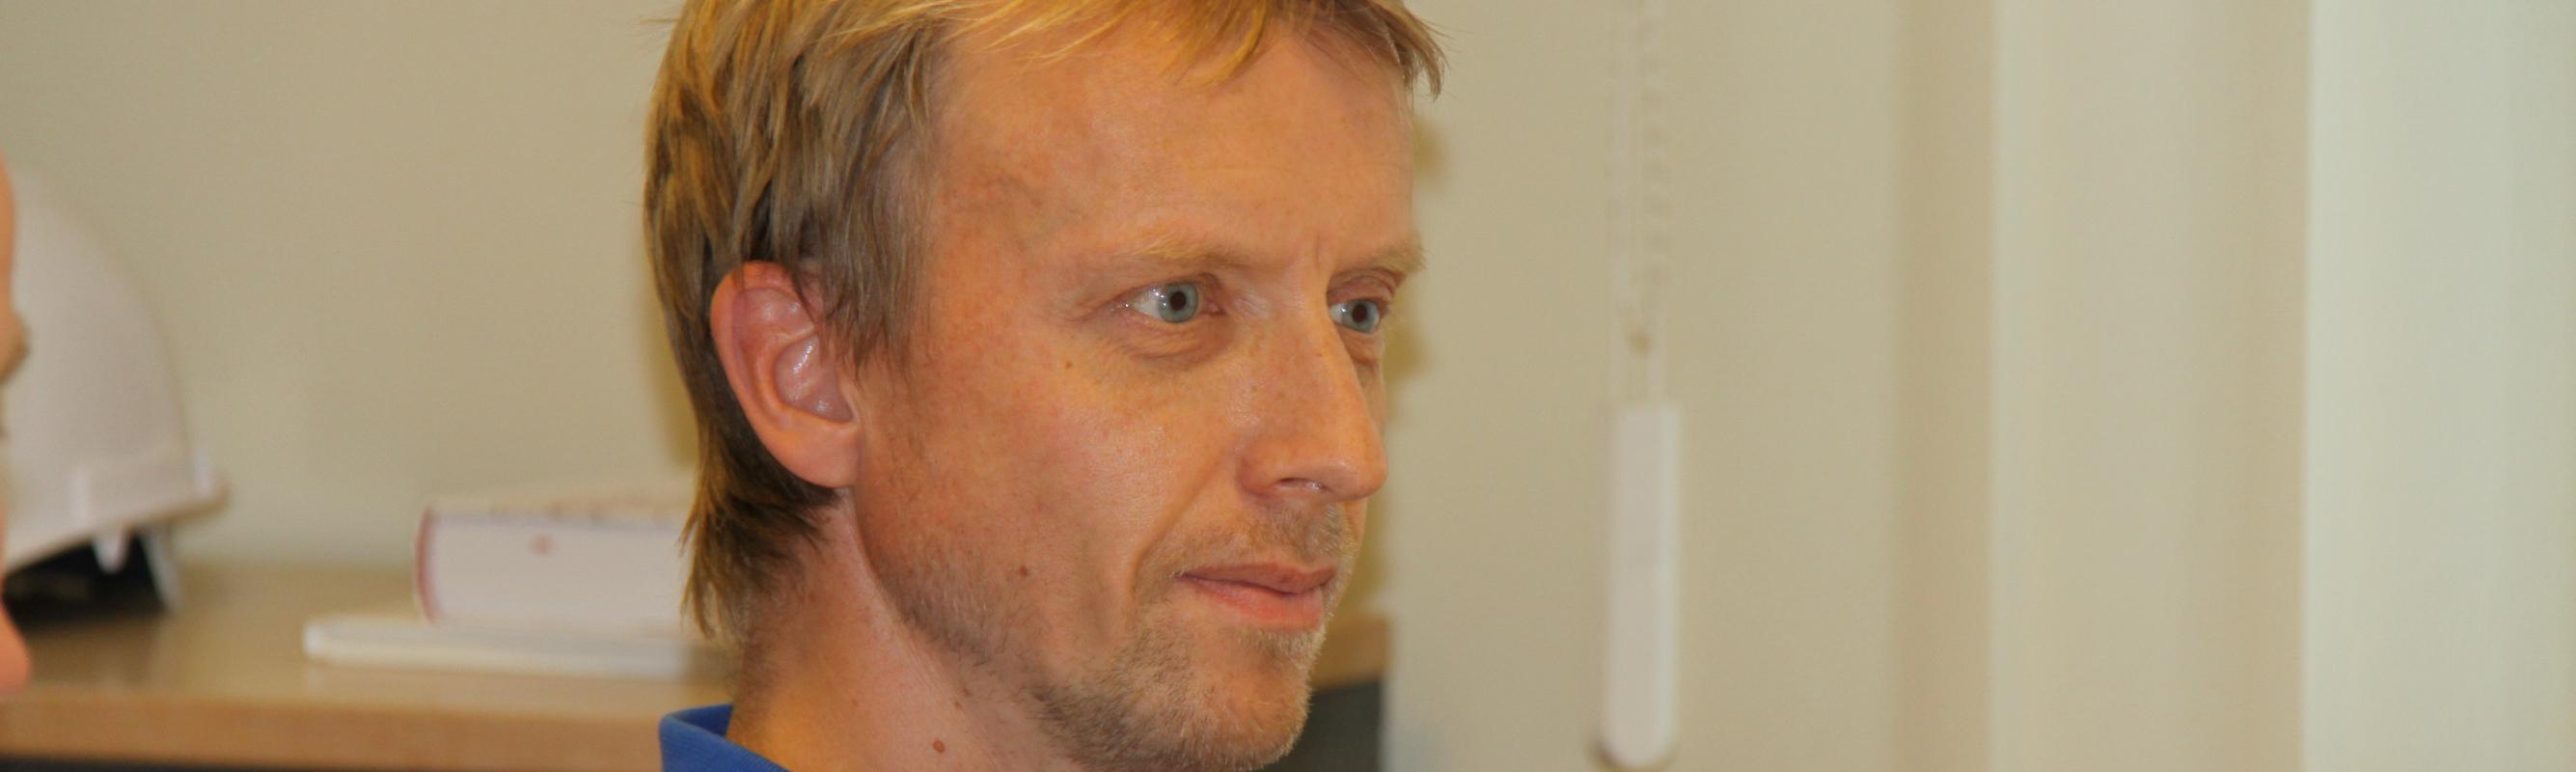 II intensiivravi osakonna juhataja ning Eesti Anestesioloogide Seltsi esimees dr Indrek Rätsep